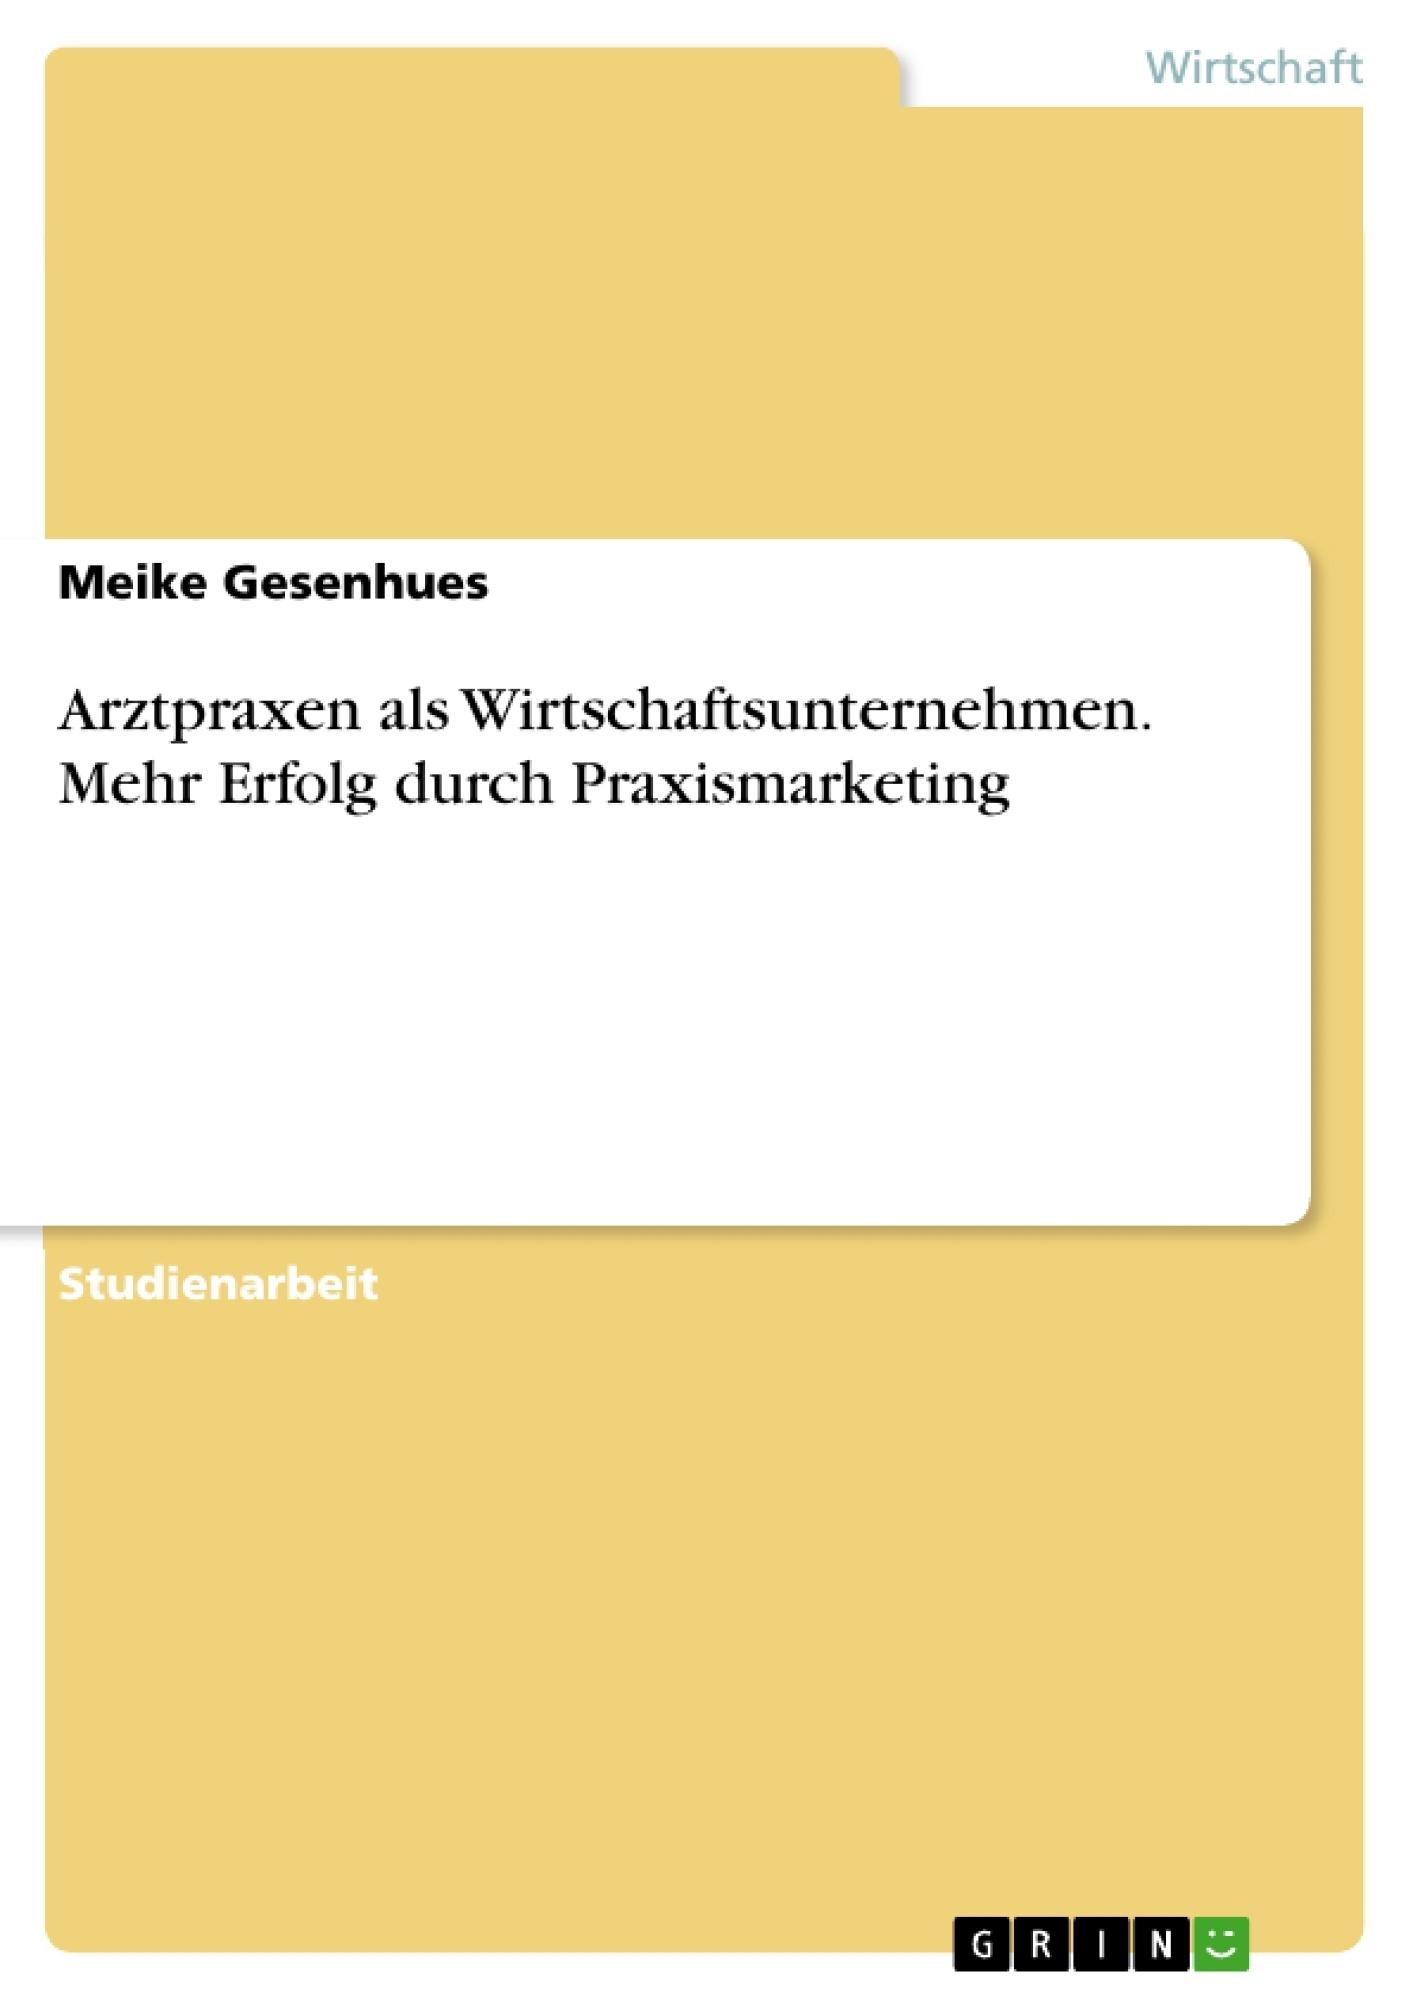 Titel: Arztpraxen als Wirtschaftsunternehmen. Mehr Erfolg durch Praxismarketing